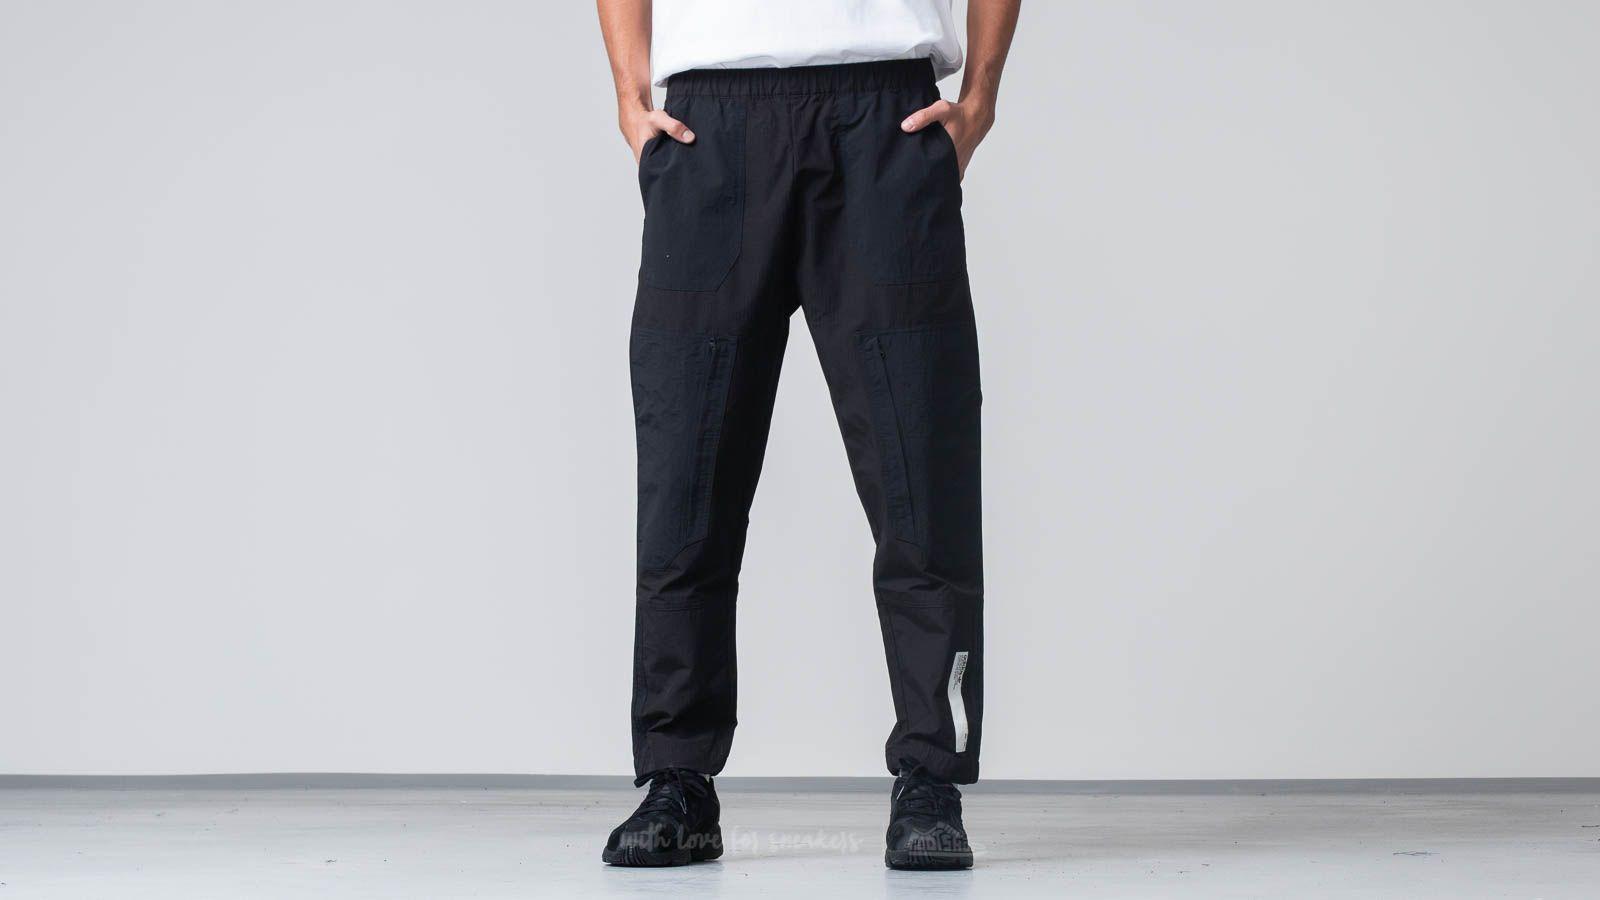 adidas NMD Trackpants Black za skvělou cenu 1 470 Kč koupíte na Footshop.cz